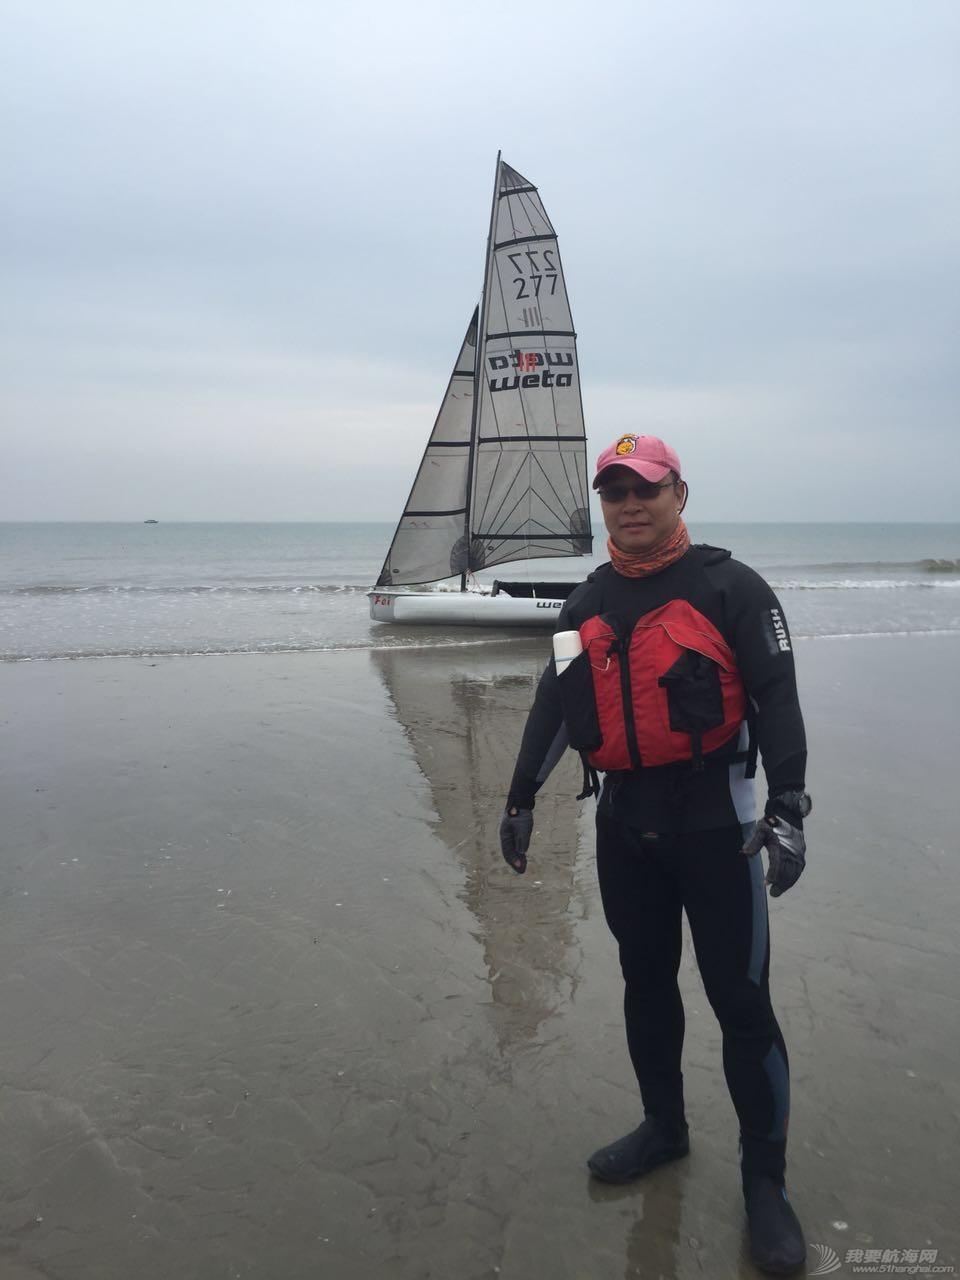 日记,水手 菜鸟水手的航行日记